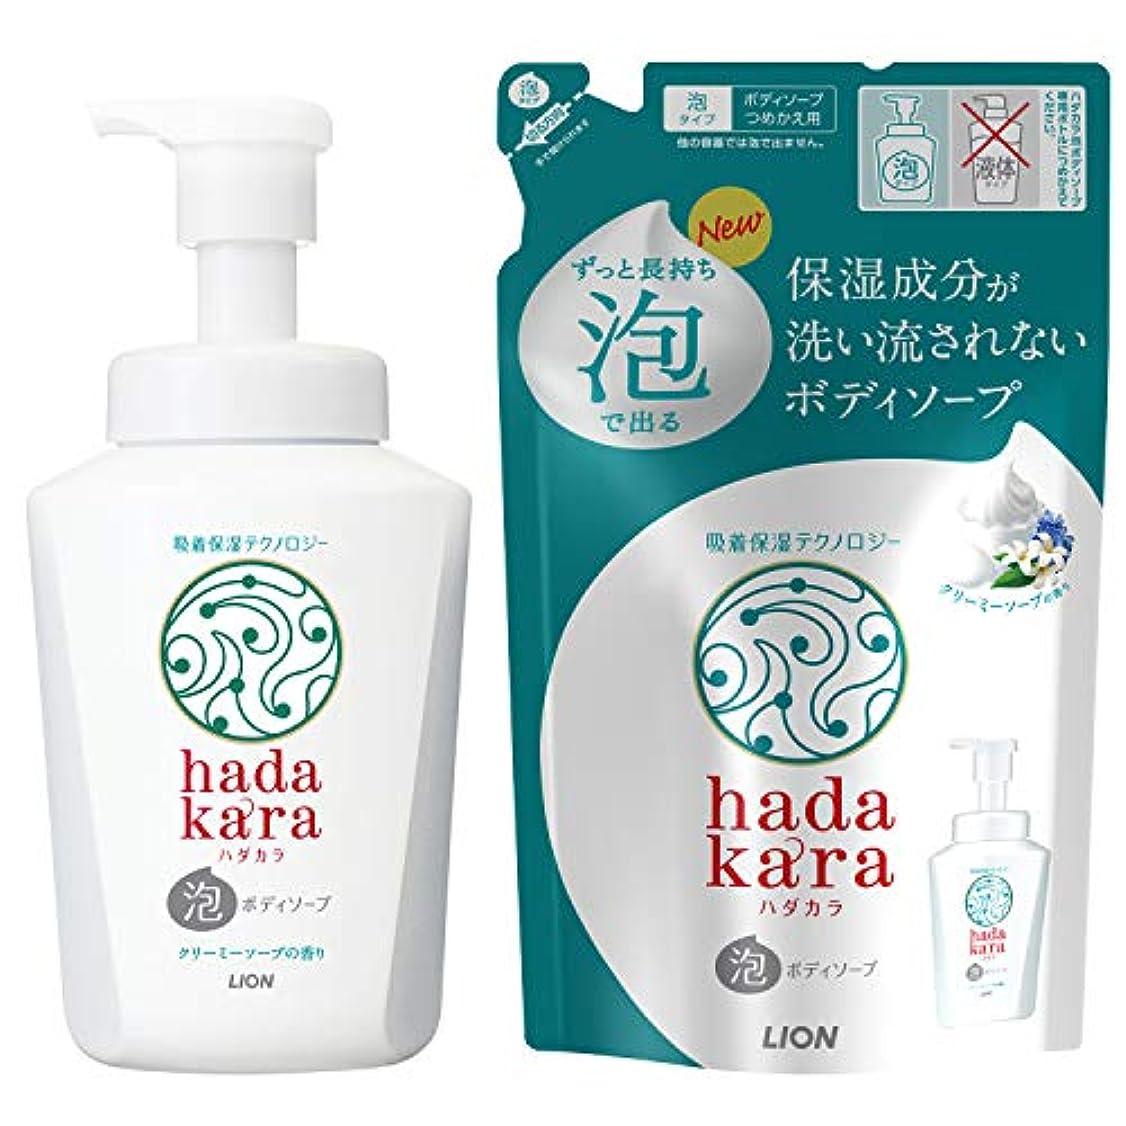 気分が悪いドリル廃棄hadakara(ハダカラ) ボディソープ 泡タイプ クリーミーソープの香り 本体550ml+詰替440ml